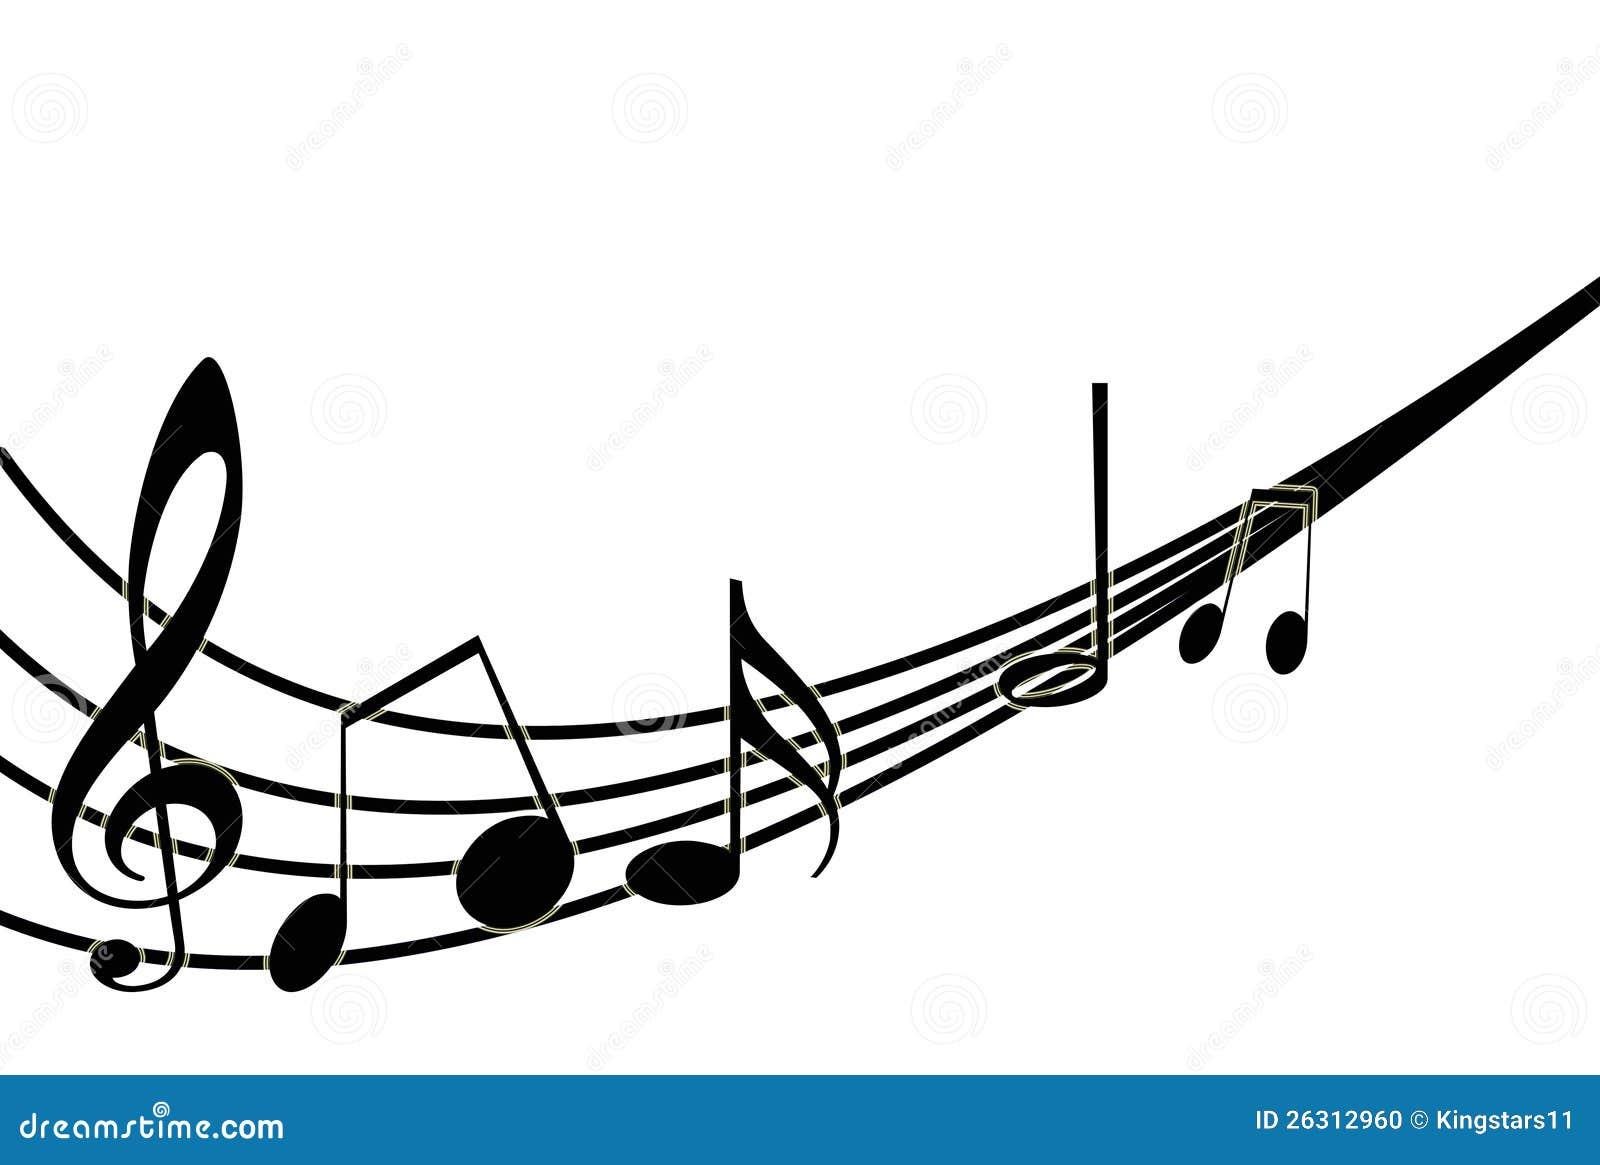 Foto Nota Musical ~ Notas Musicales Sobre Blanco Ilustración Del Vector Foto de archivo Imagen 26312960